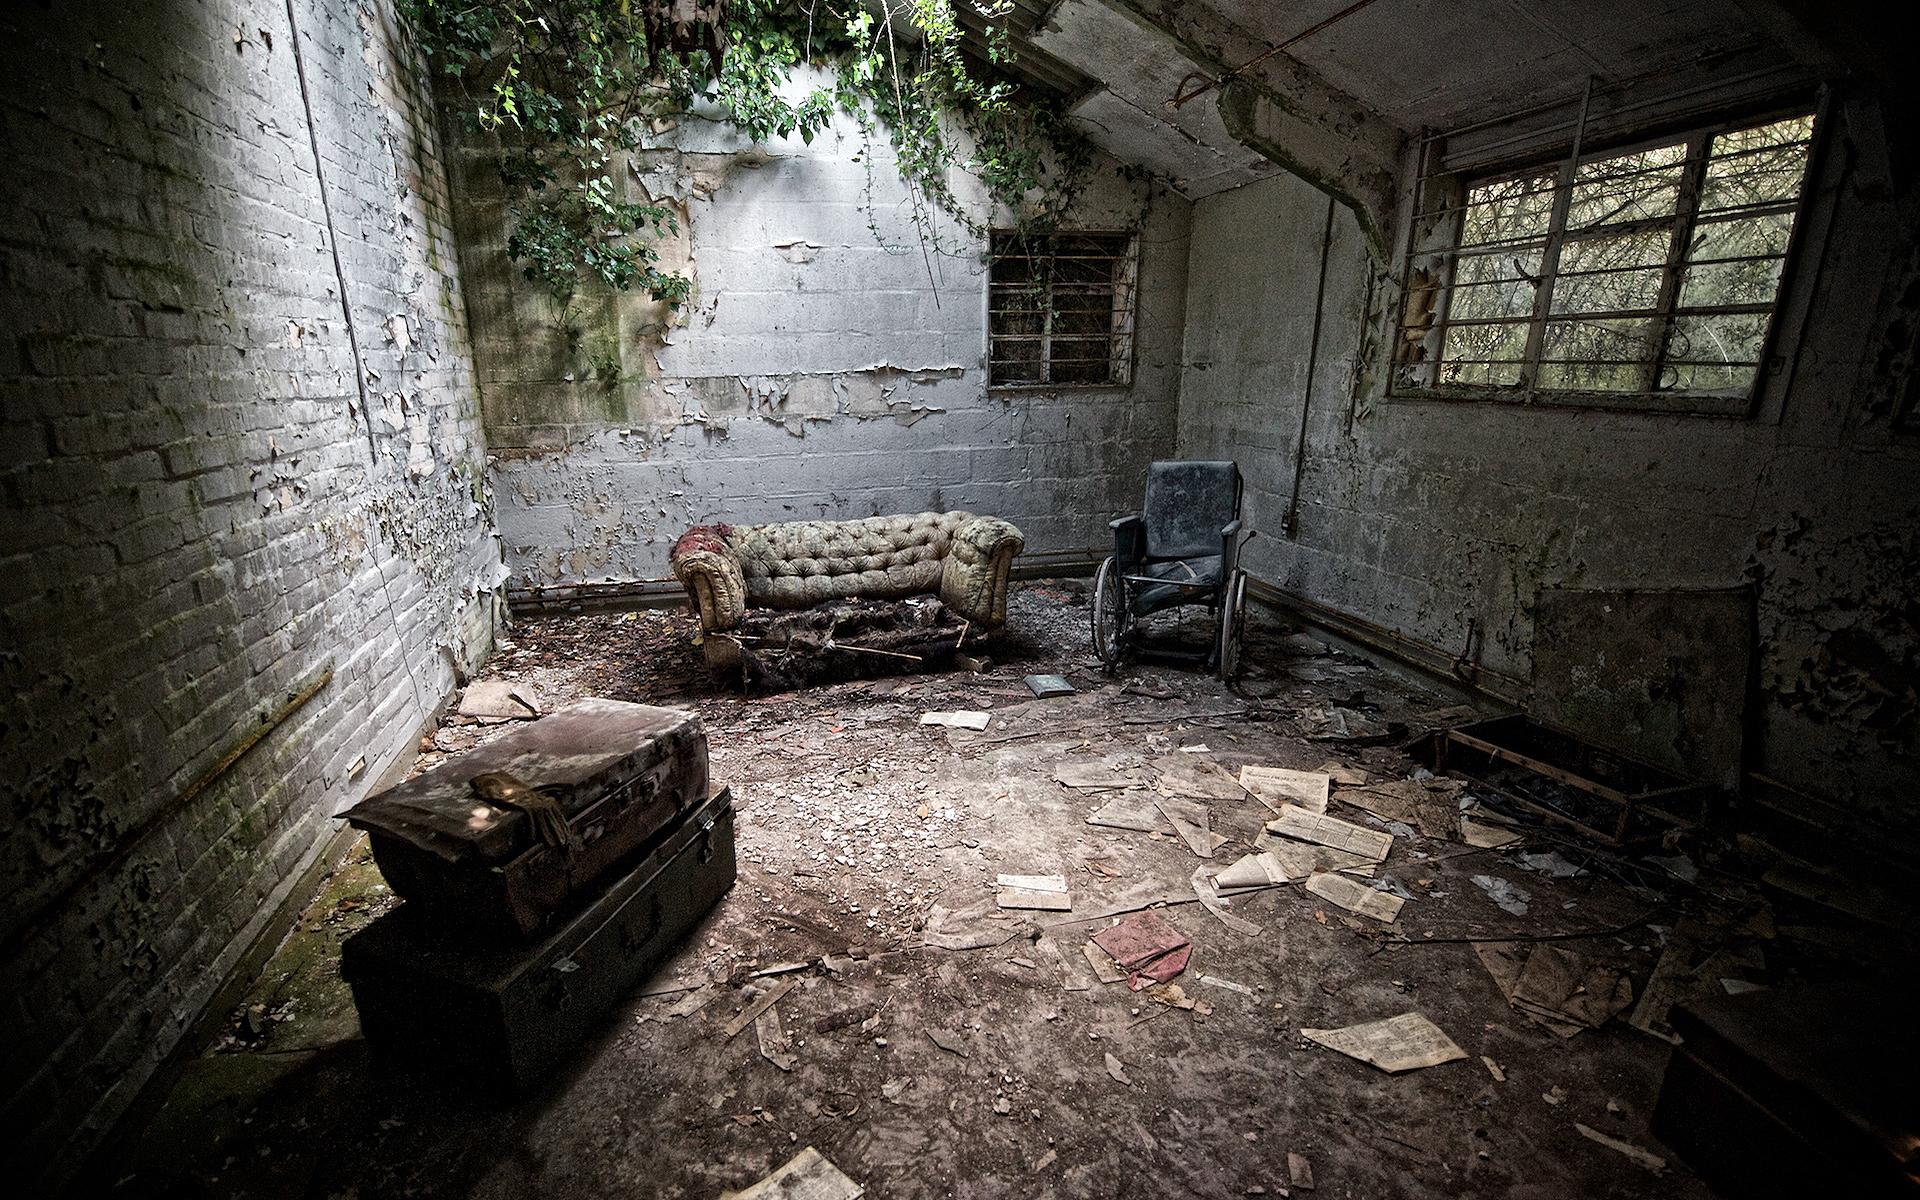 Заброшенное здание в джунглях без смс